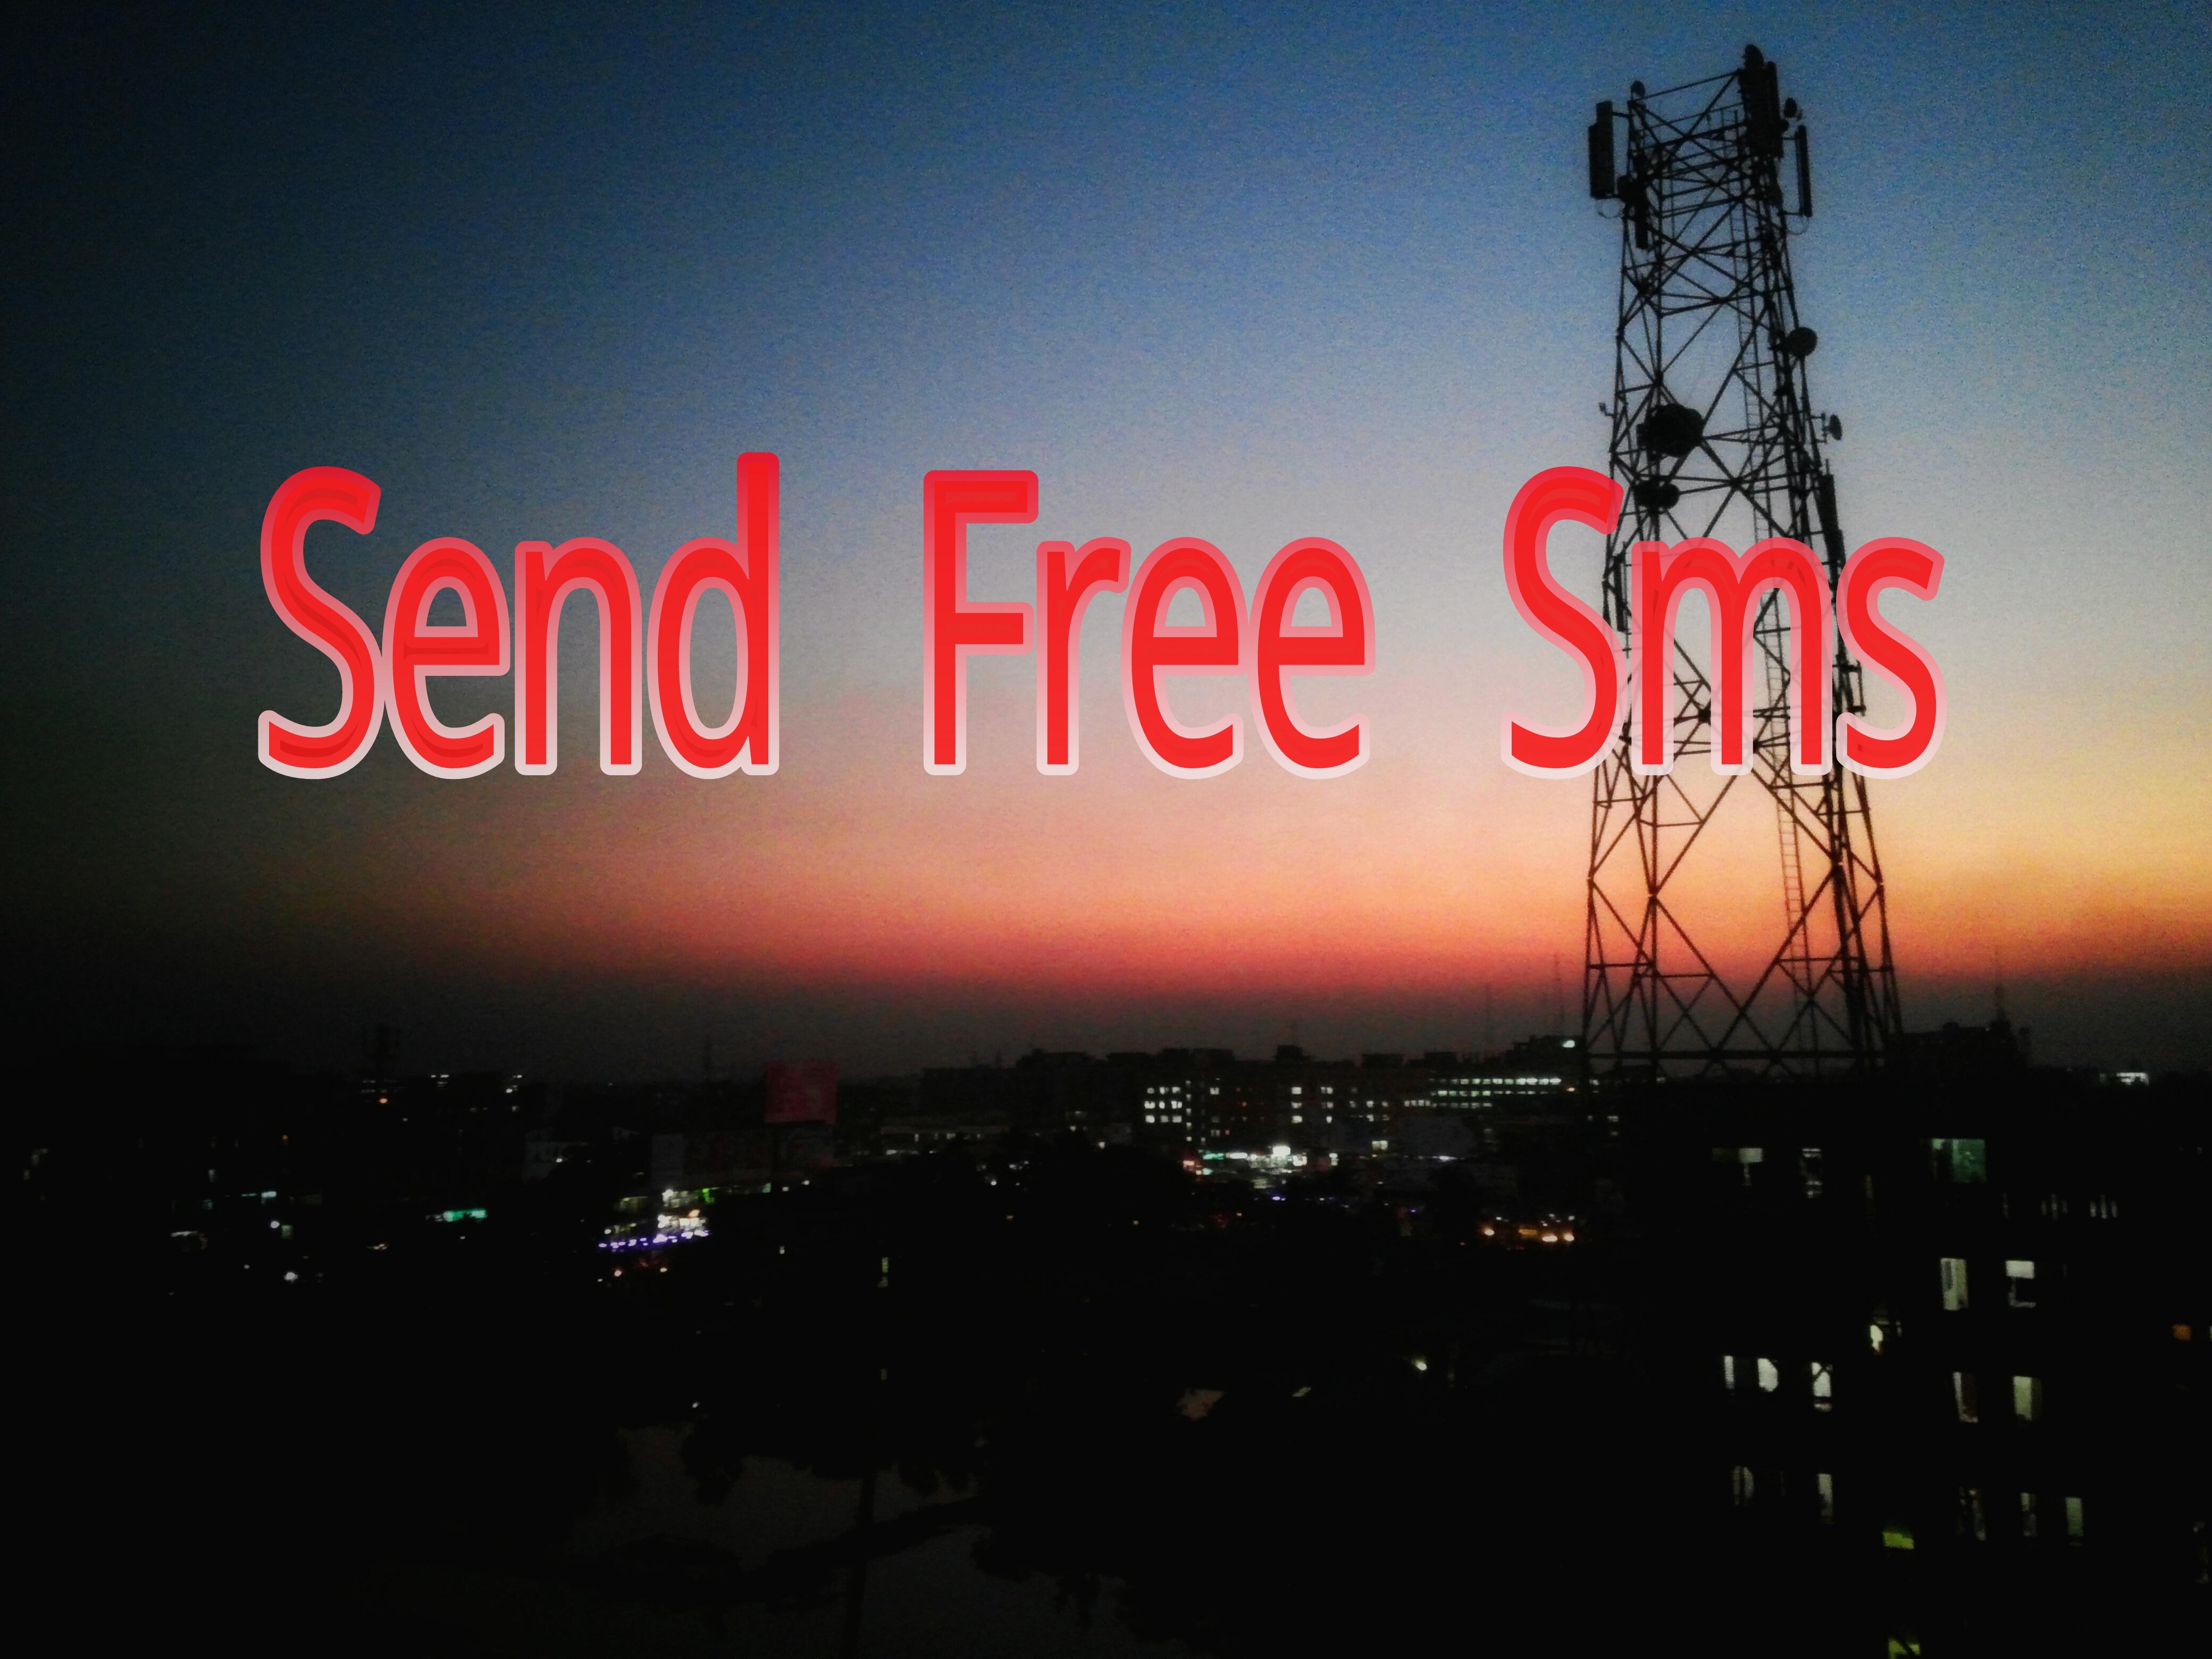 হাজার হাজার SMS করুন যেকোন দেশে যেকোন নাম্বারে একদম ফ্রিতে।তাও আবার নাম্বার হাইড করে।